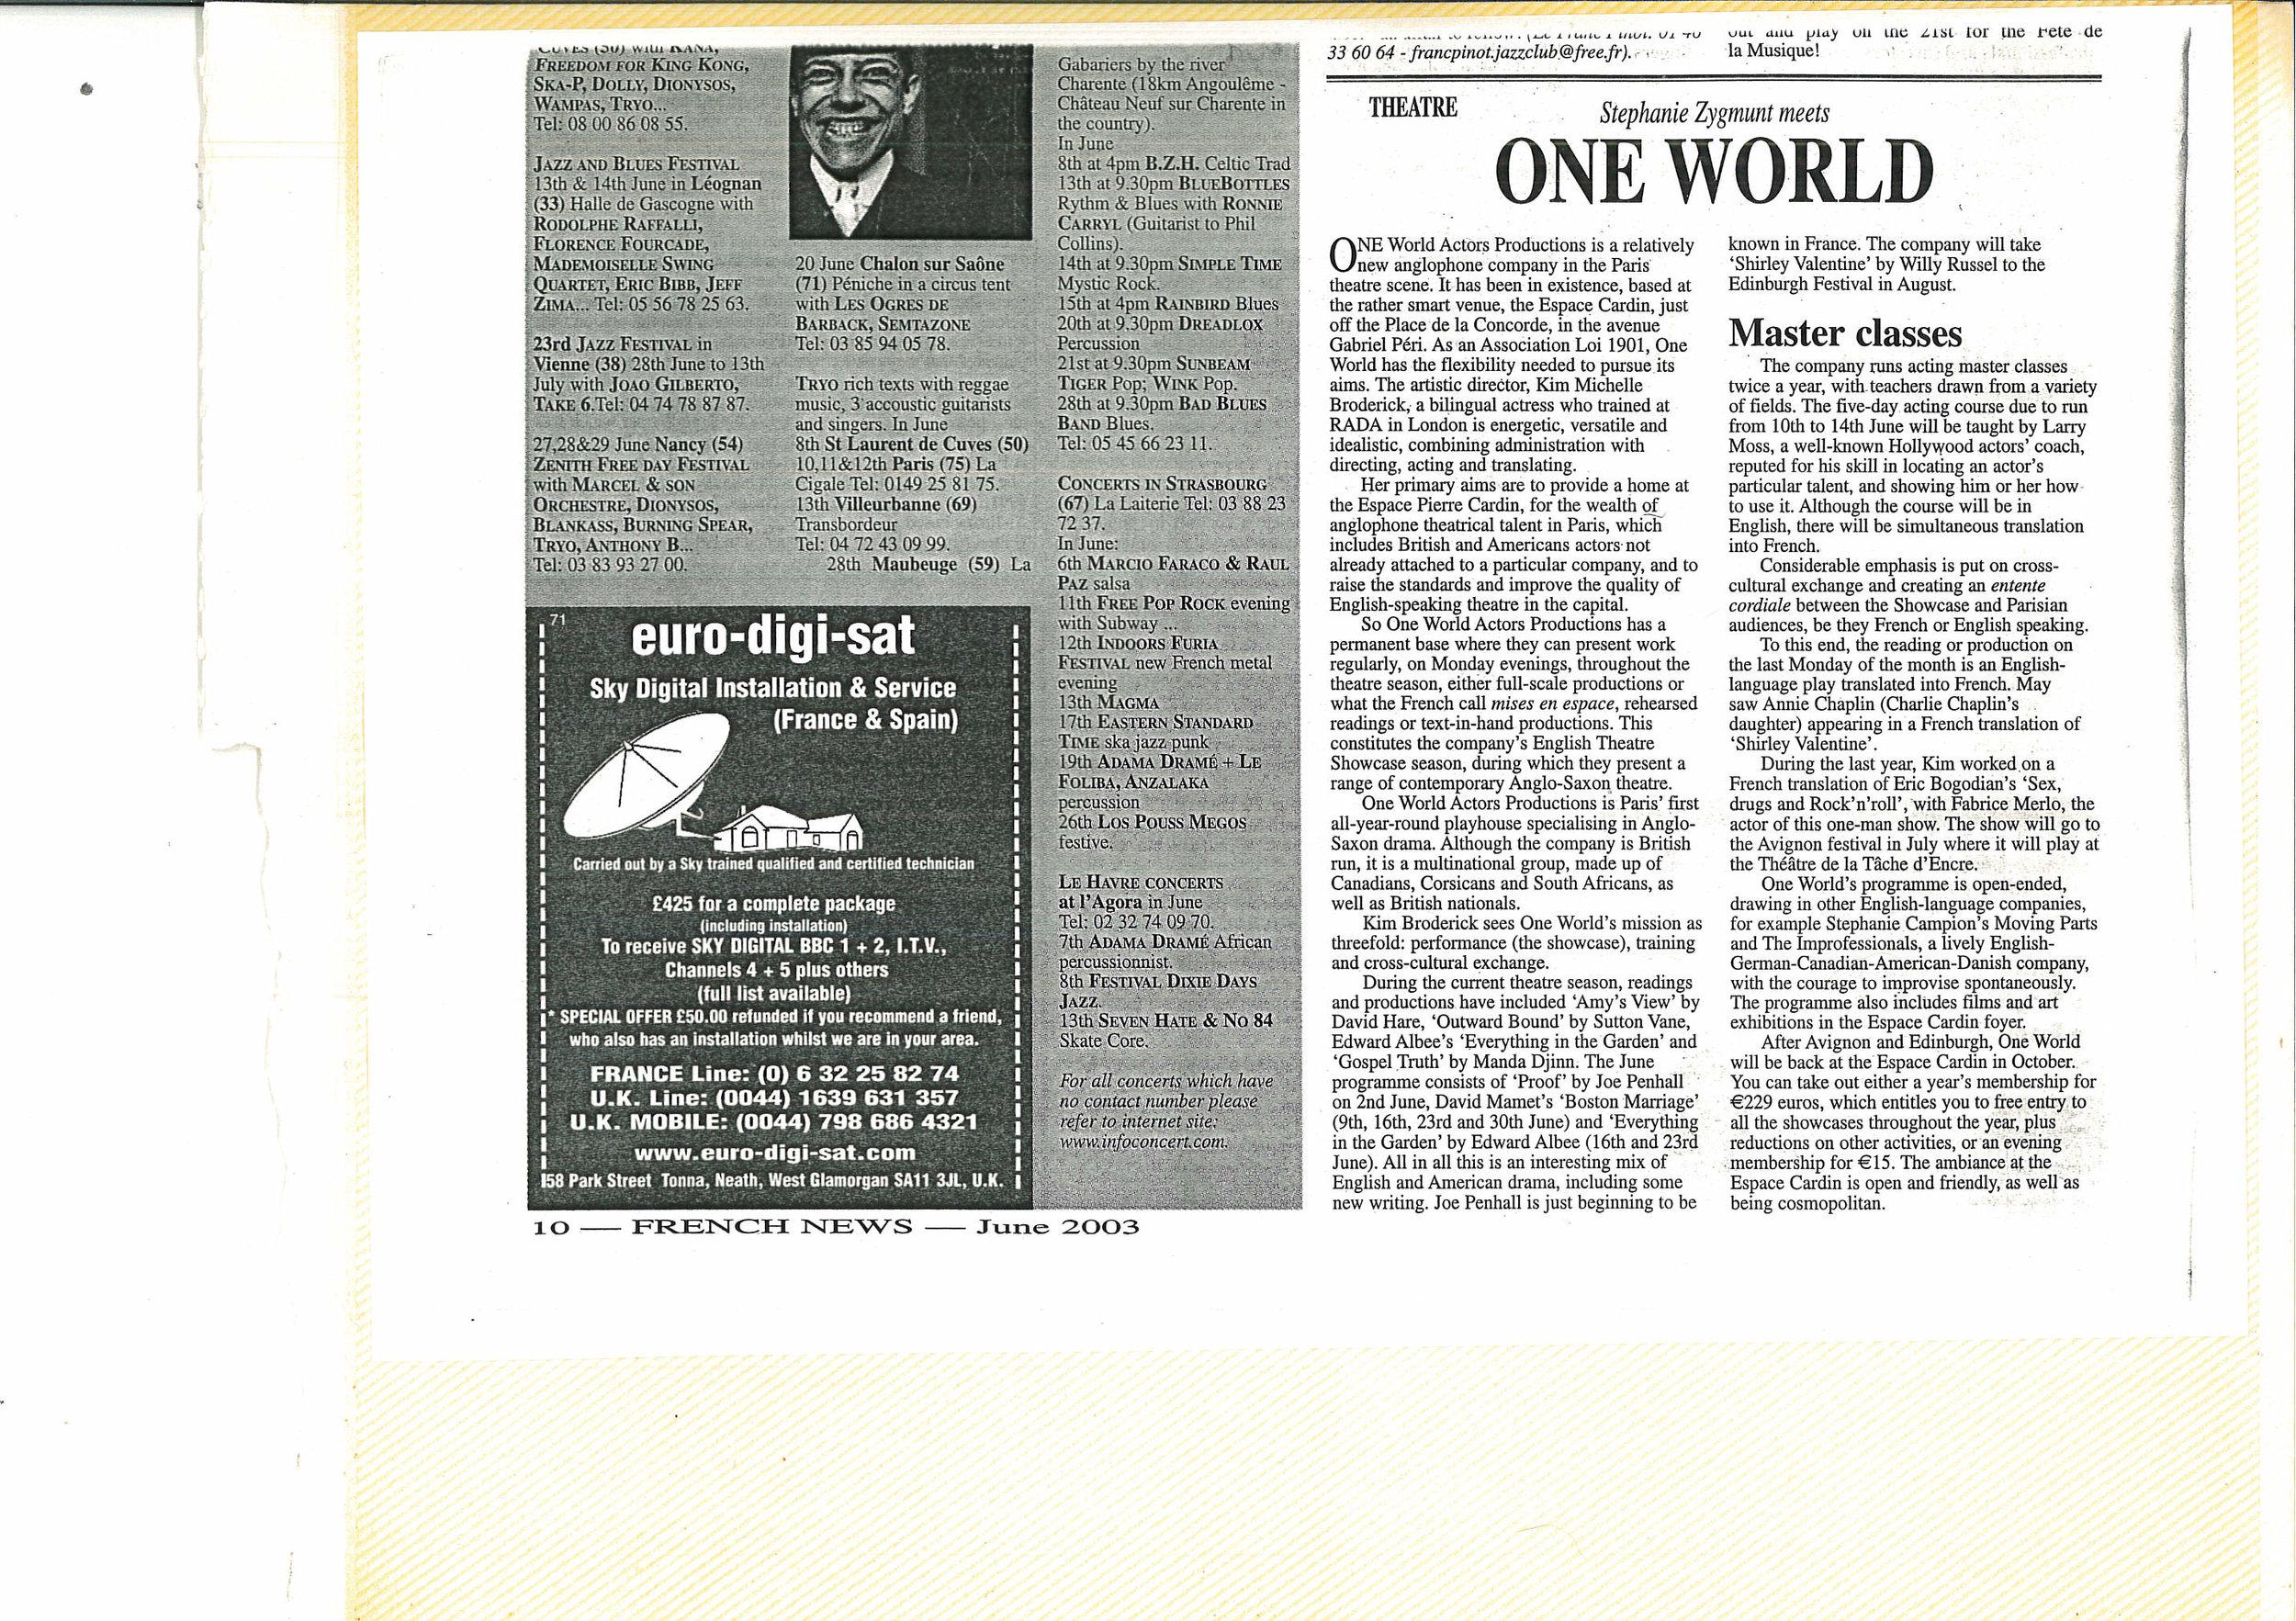 OWAPAR  review by Stephanie ZYGMUNT.jpg